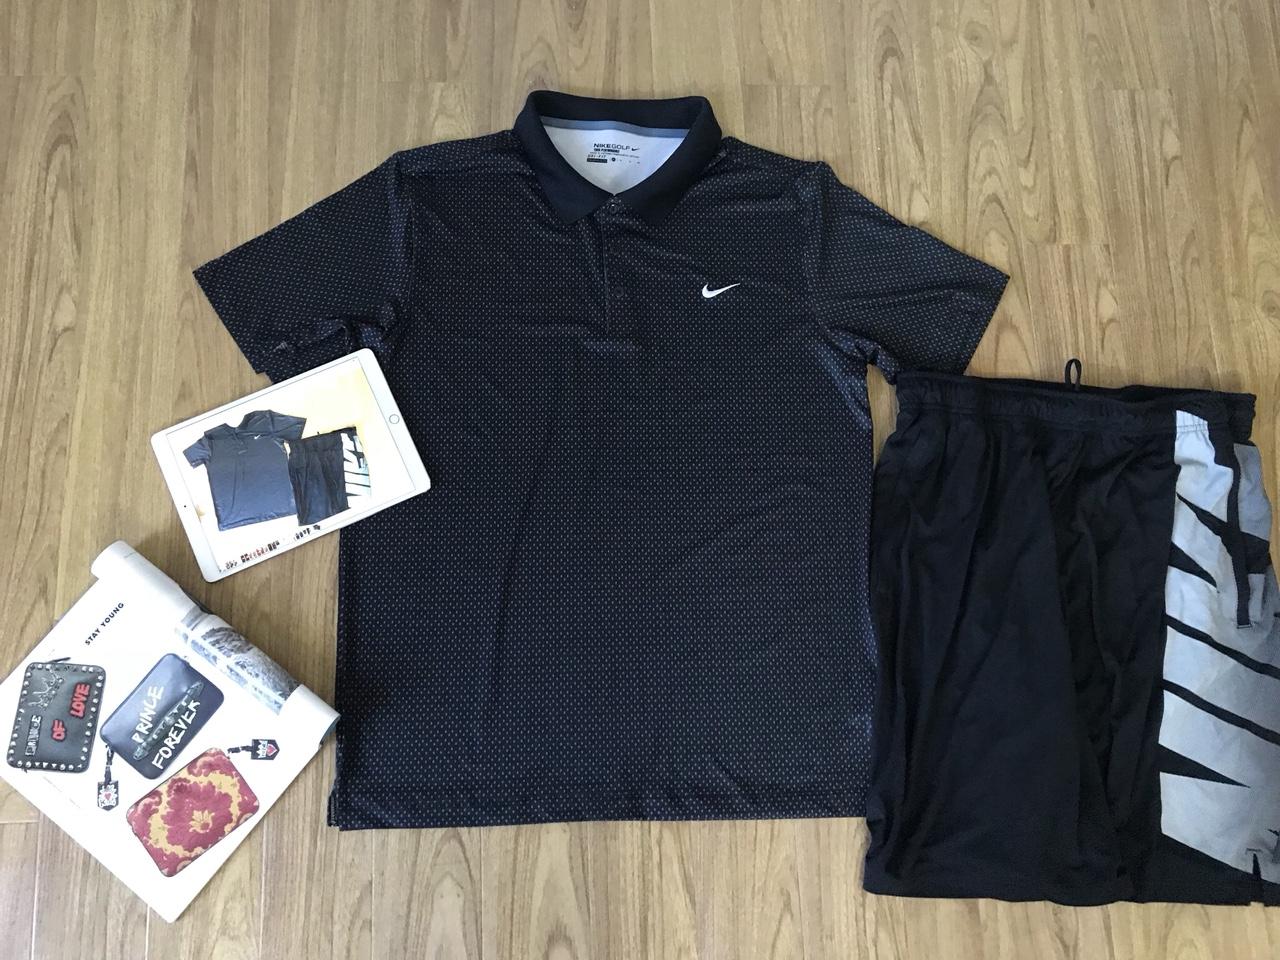 Áo Nike golf bigsize nam MSP1013 ( từ 100kg trở lên )